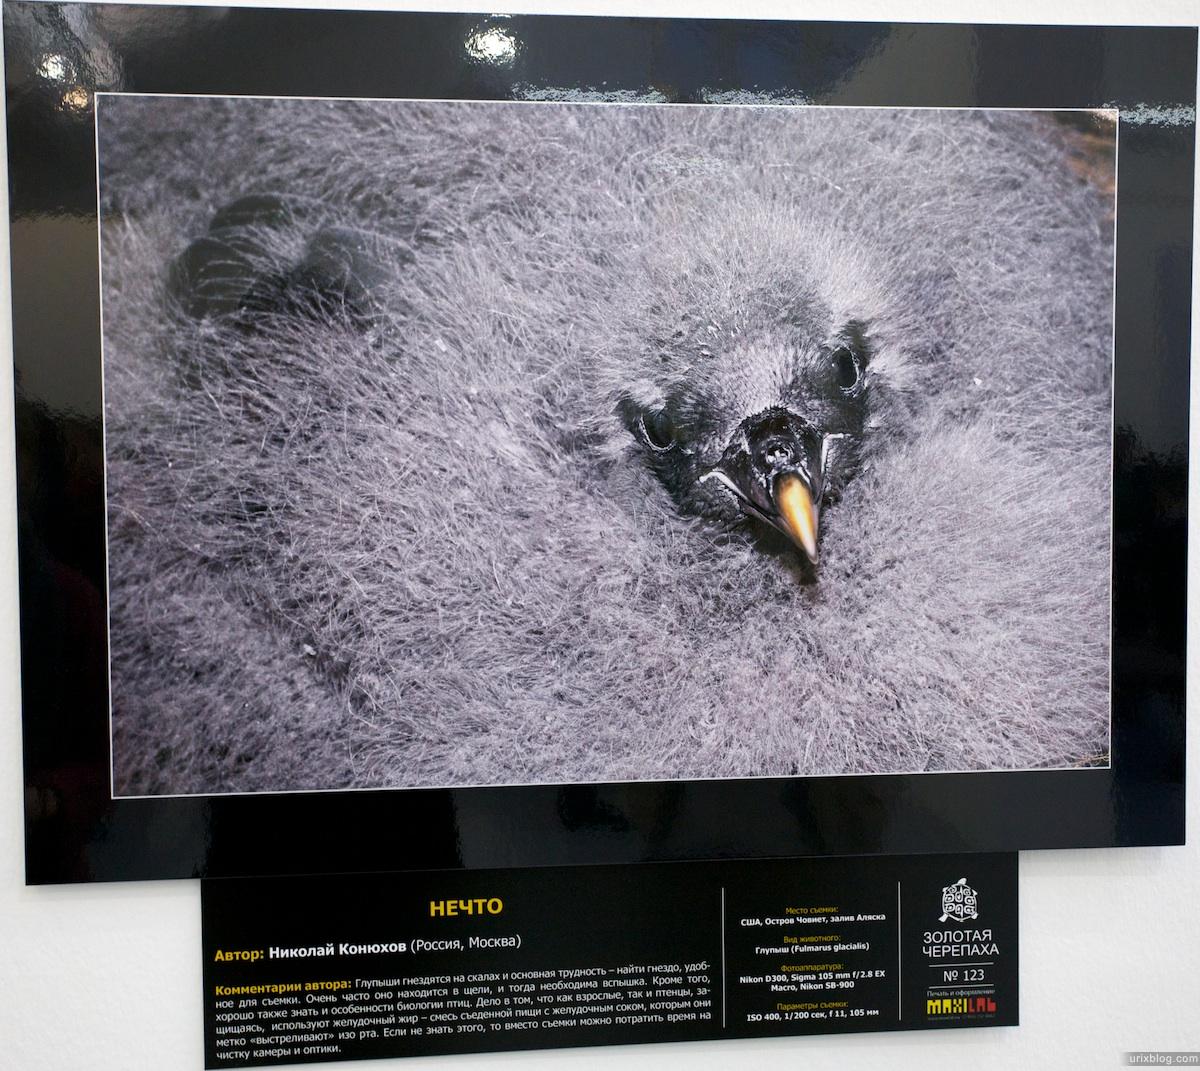 2011 Москва Новый Манеж, выставка Золотая Черепаха 2011, фотографии